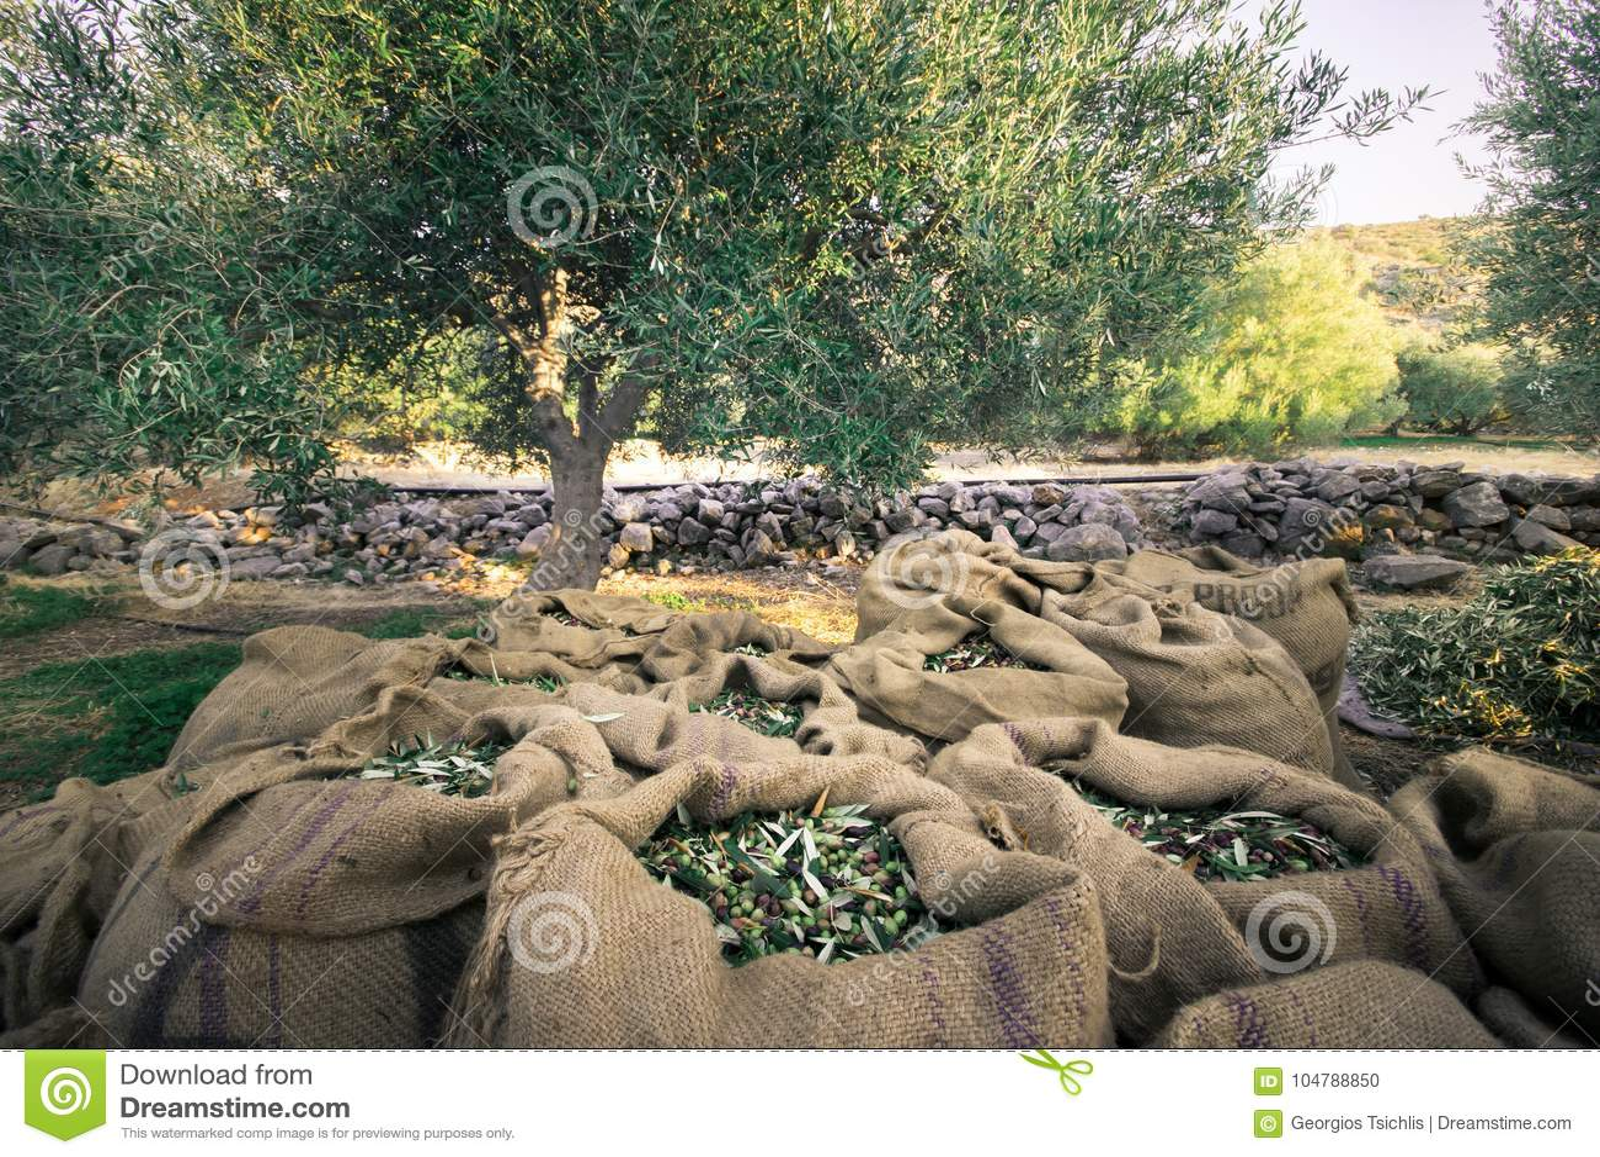 Olive fresche che raccolgono dagli agricoltori in un campo di di olivo per produzione di petrolio di olio d oliva vergine extra